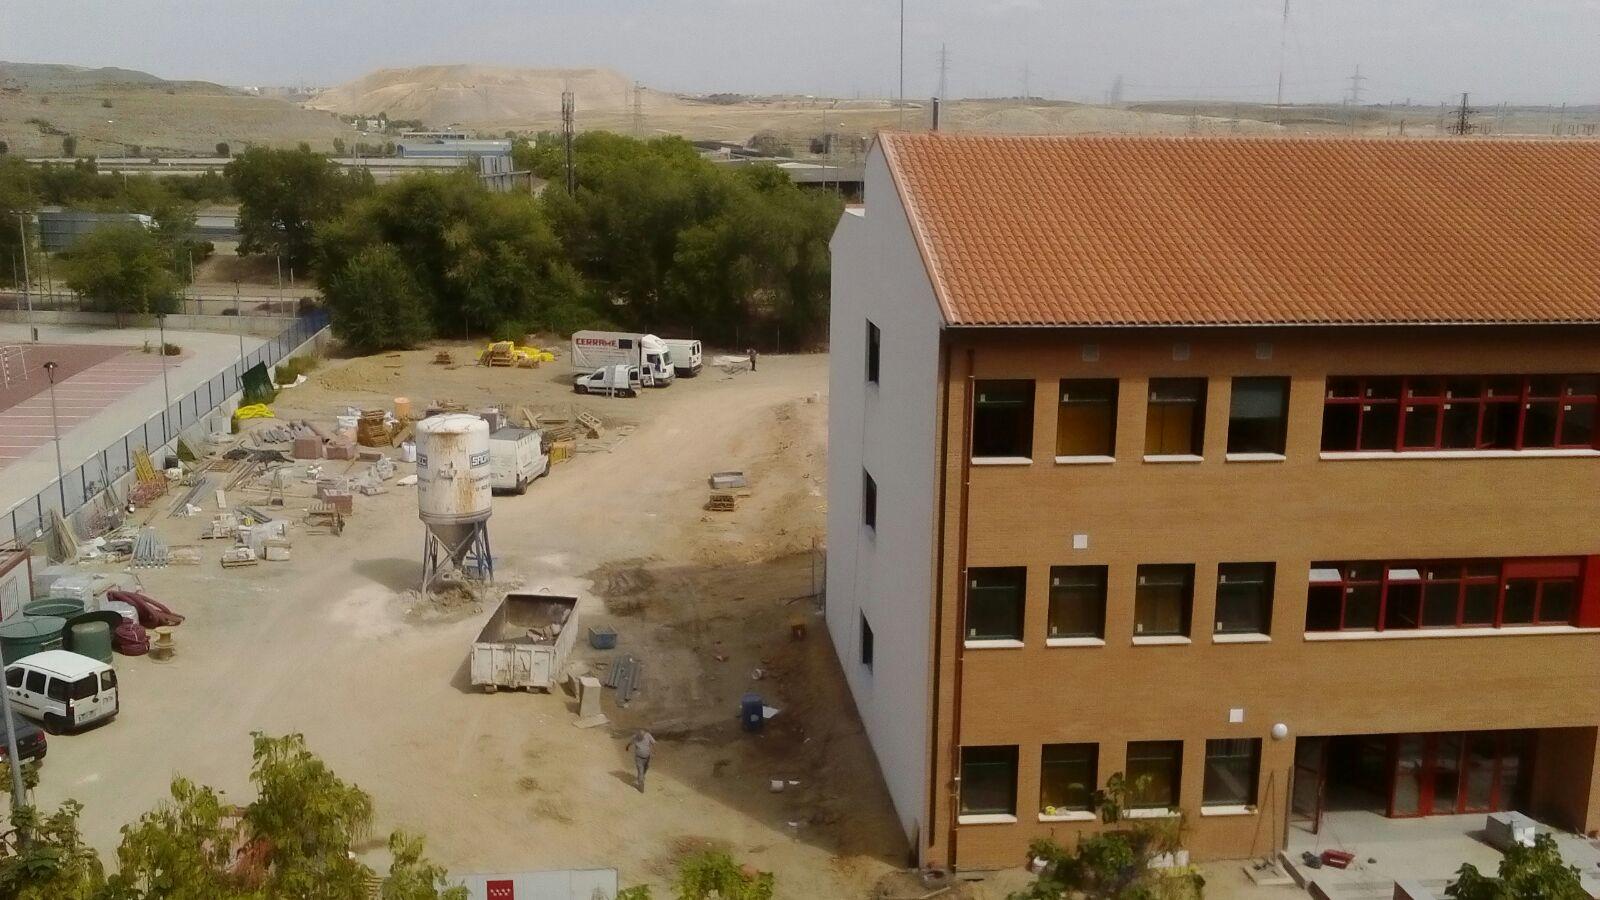 El nuevo instituto de Butarque arranca las clases con las obras inacabadas